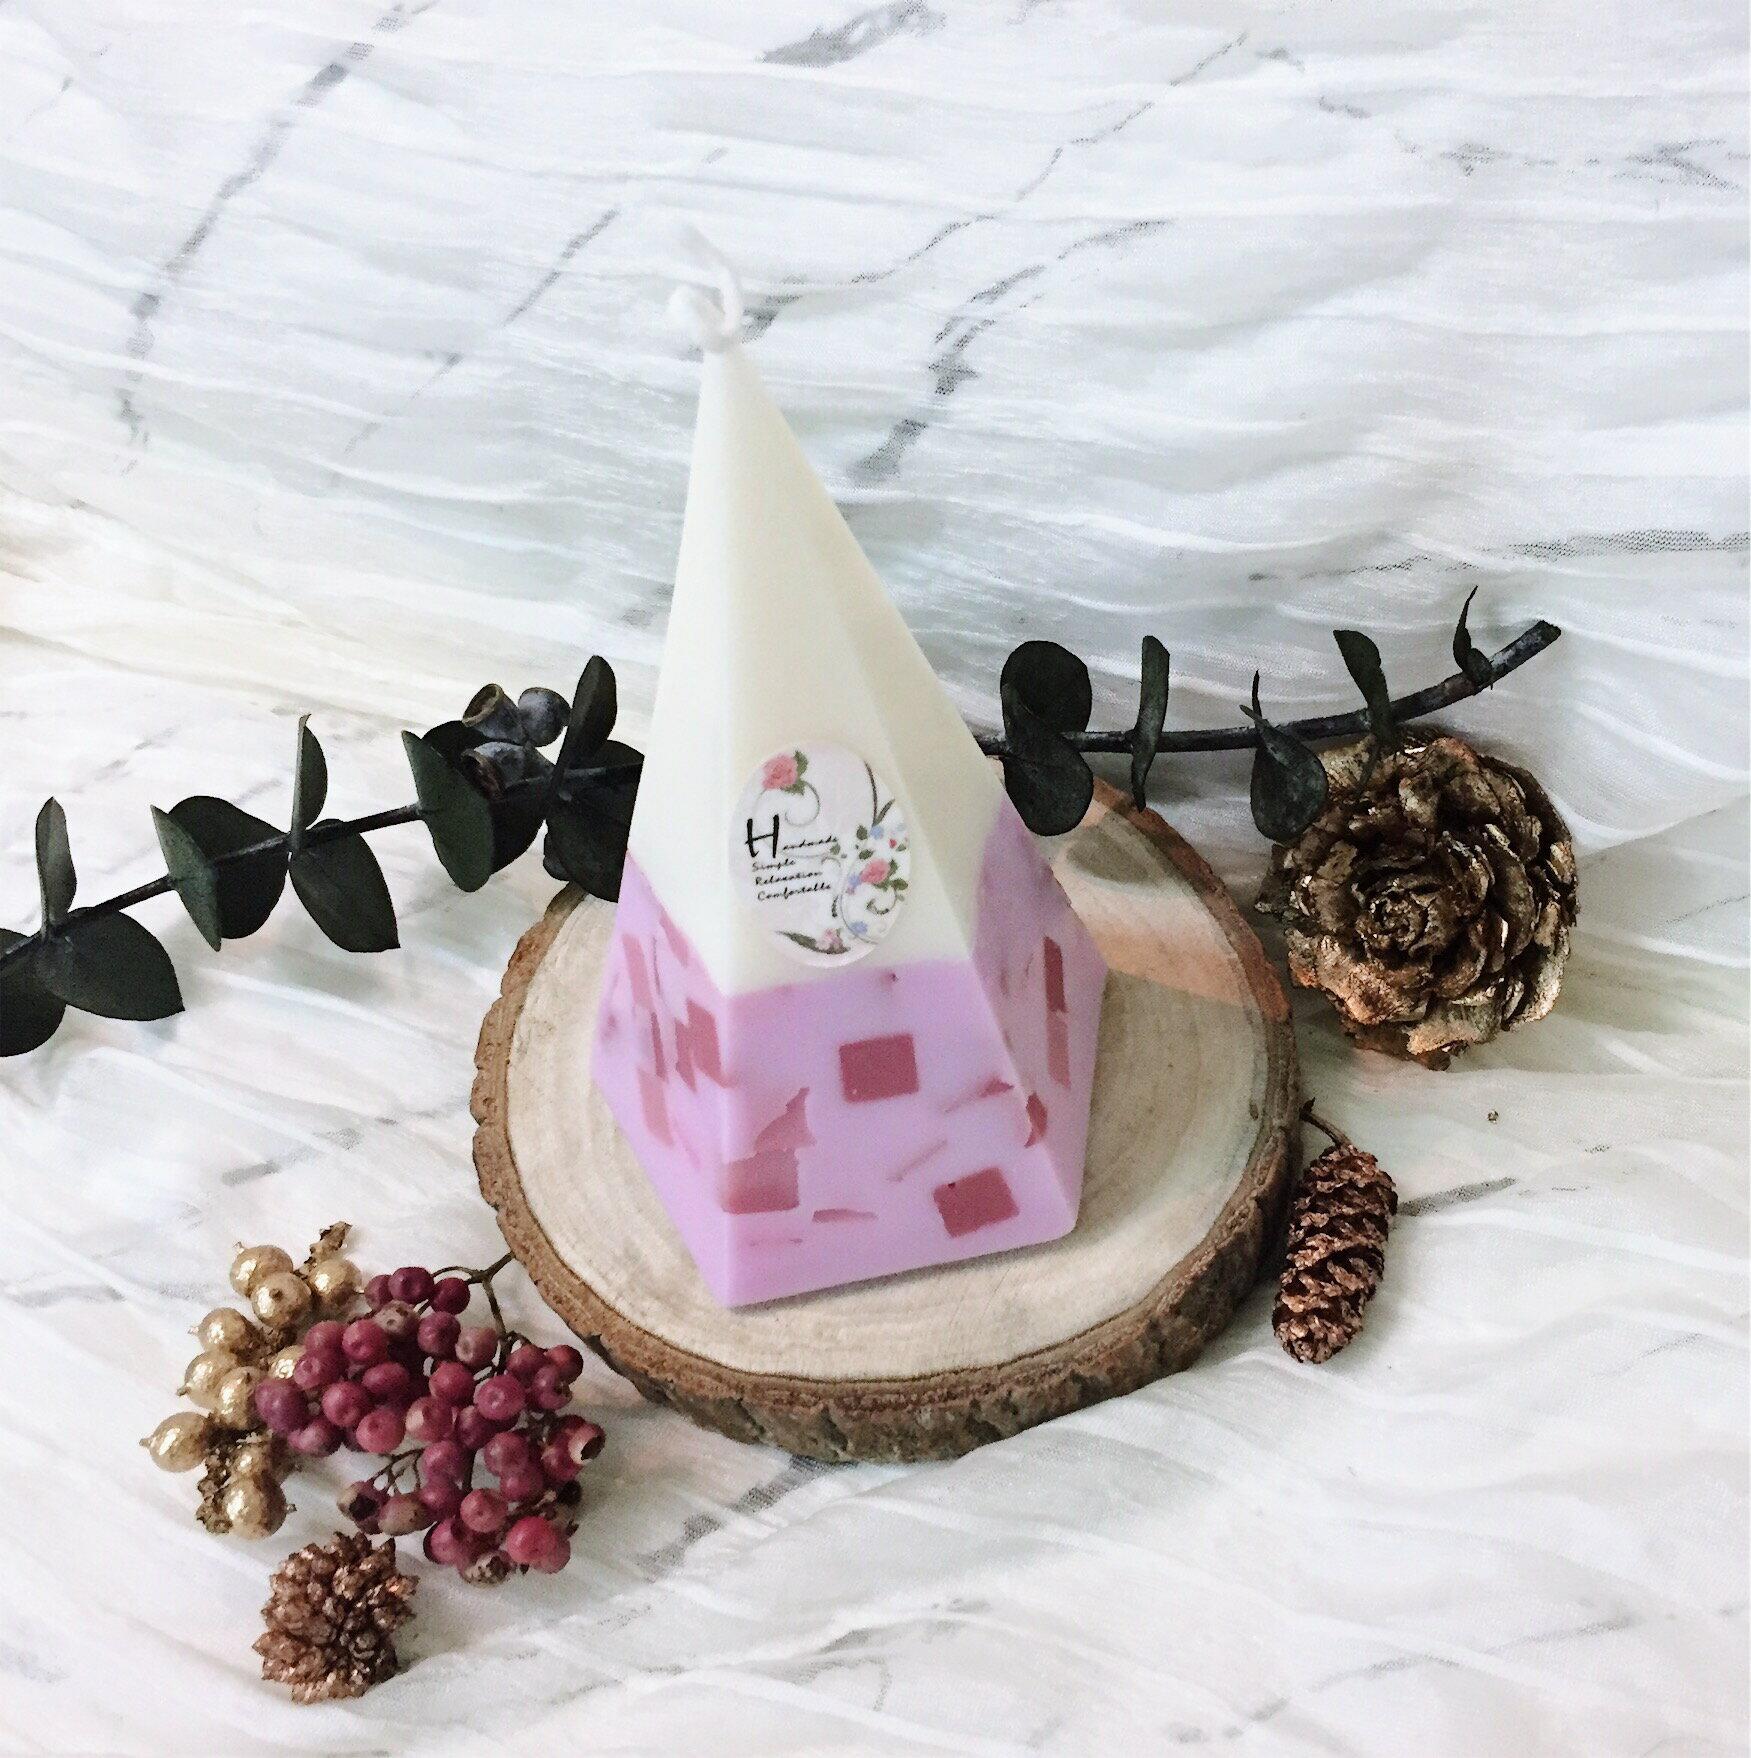 粉彩方塊香氛蠟燭  **天然大豆精油蠟燭** 香氛手工製作 情人節禮物 生日禮物 結婚送禮